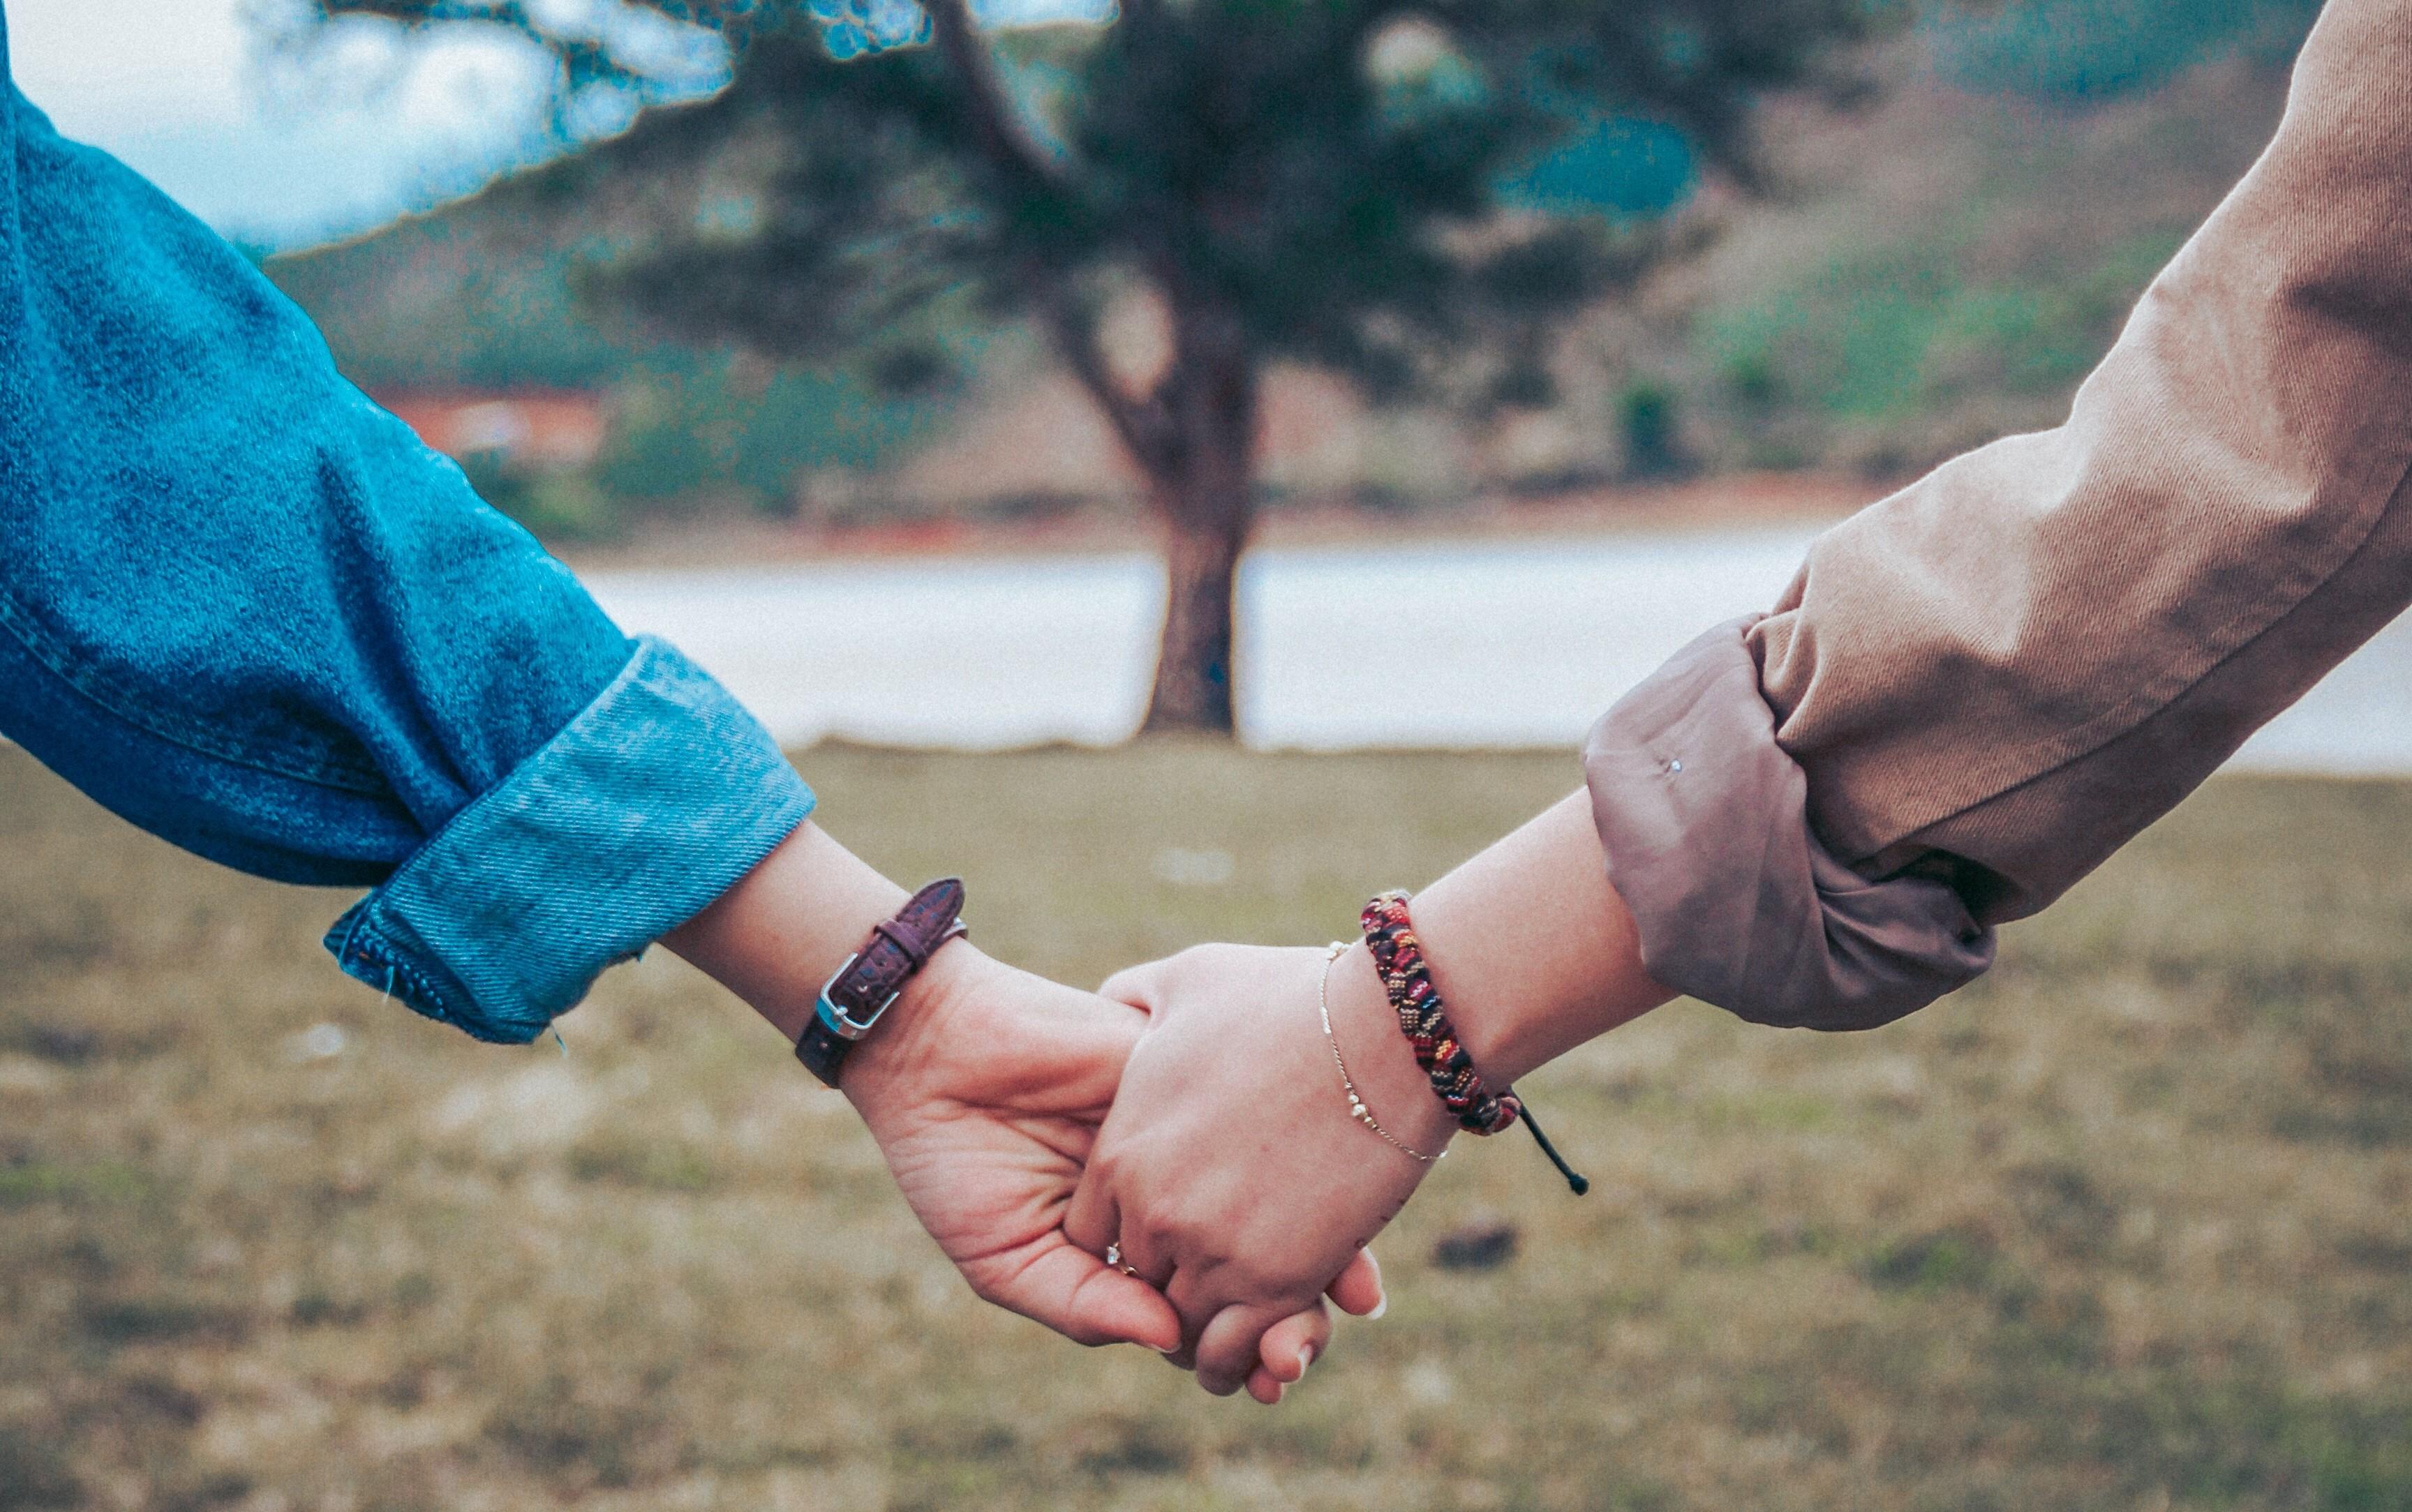 Dos personas cogidas amigablemente de la mano